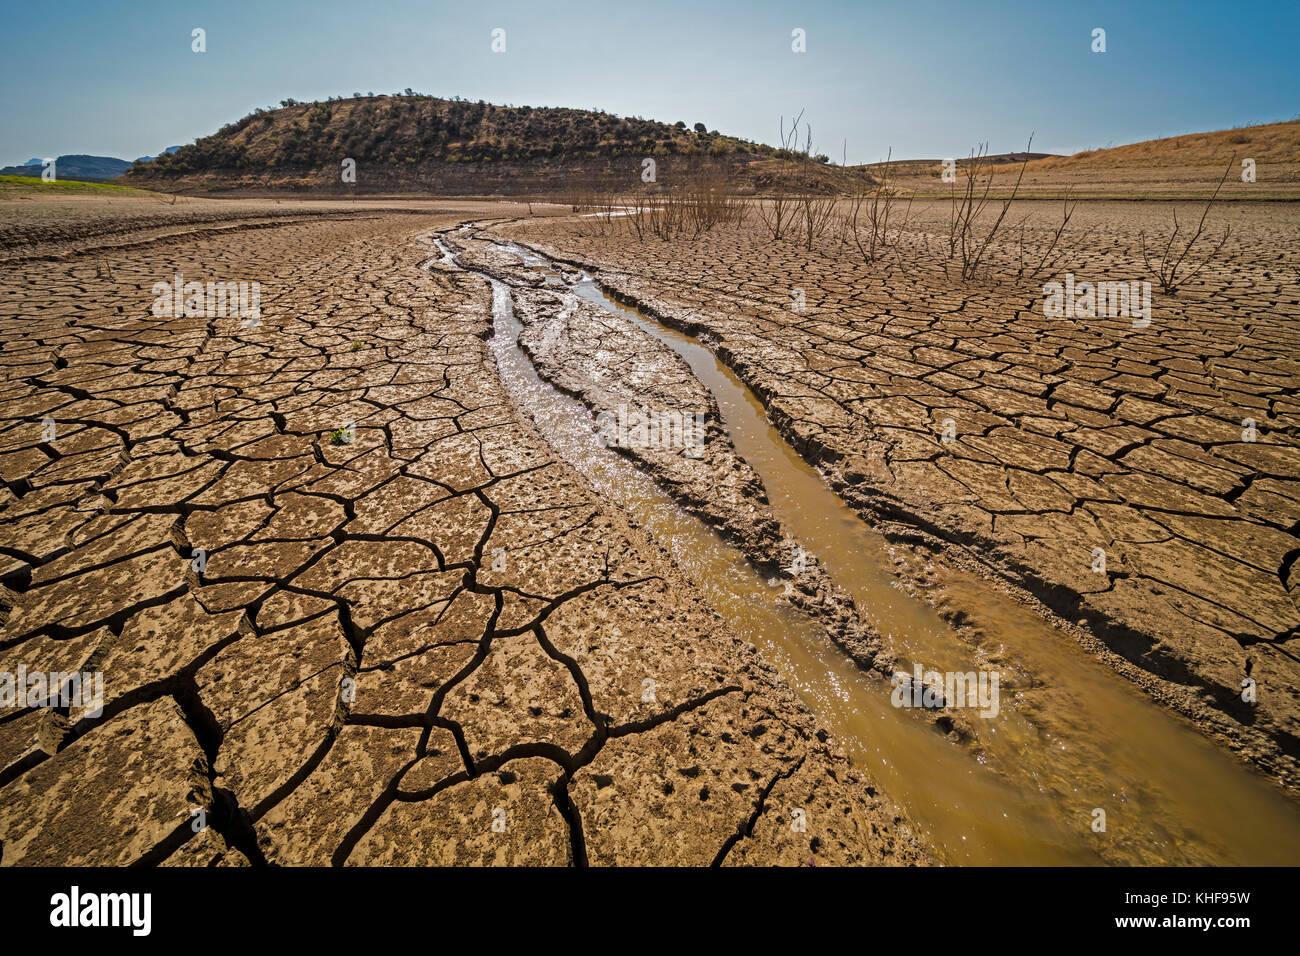 Vicino a Ardales, provincia di Malaga, Andalusia, Spagna meridionale. Stato di ingresso alla diga Guadalteba-Guadalhorce in ottobre 2017 dopo la calda estate con no ra Foto Stock